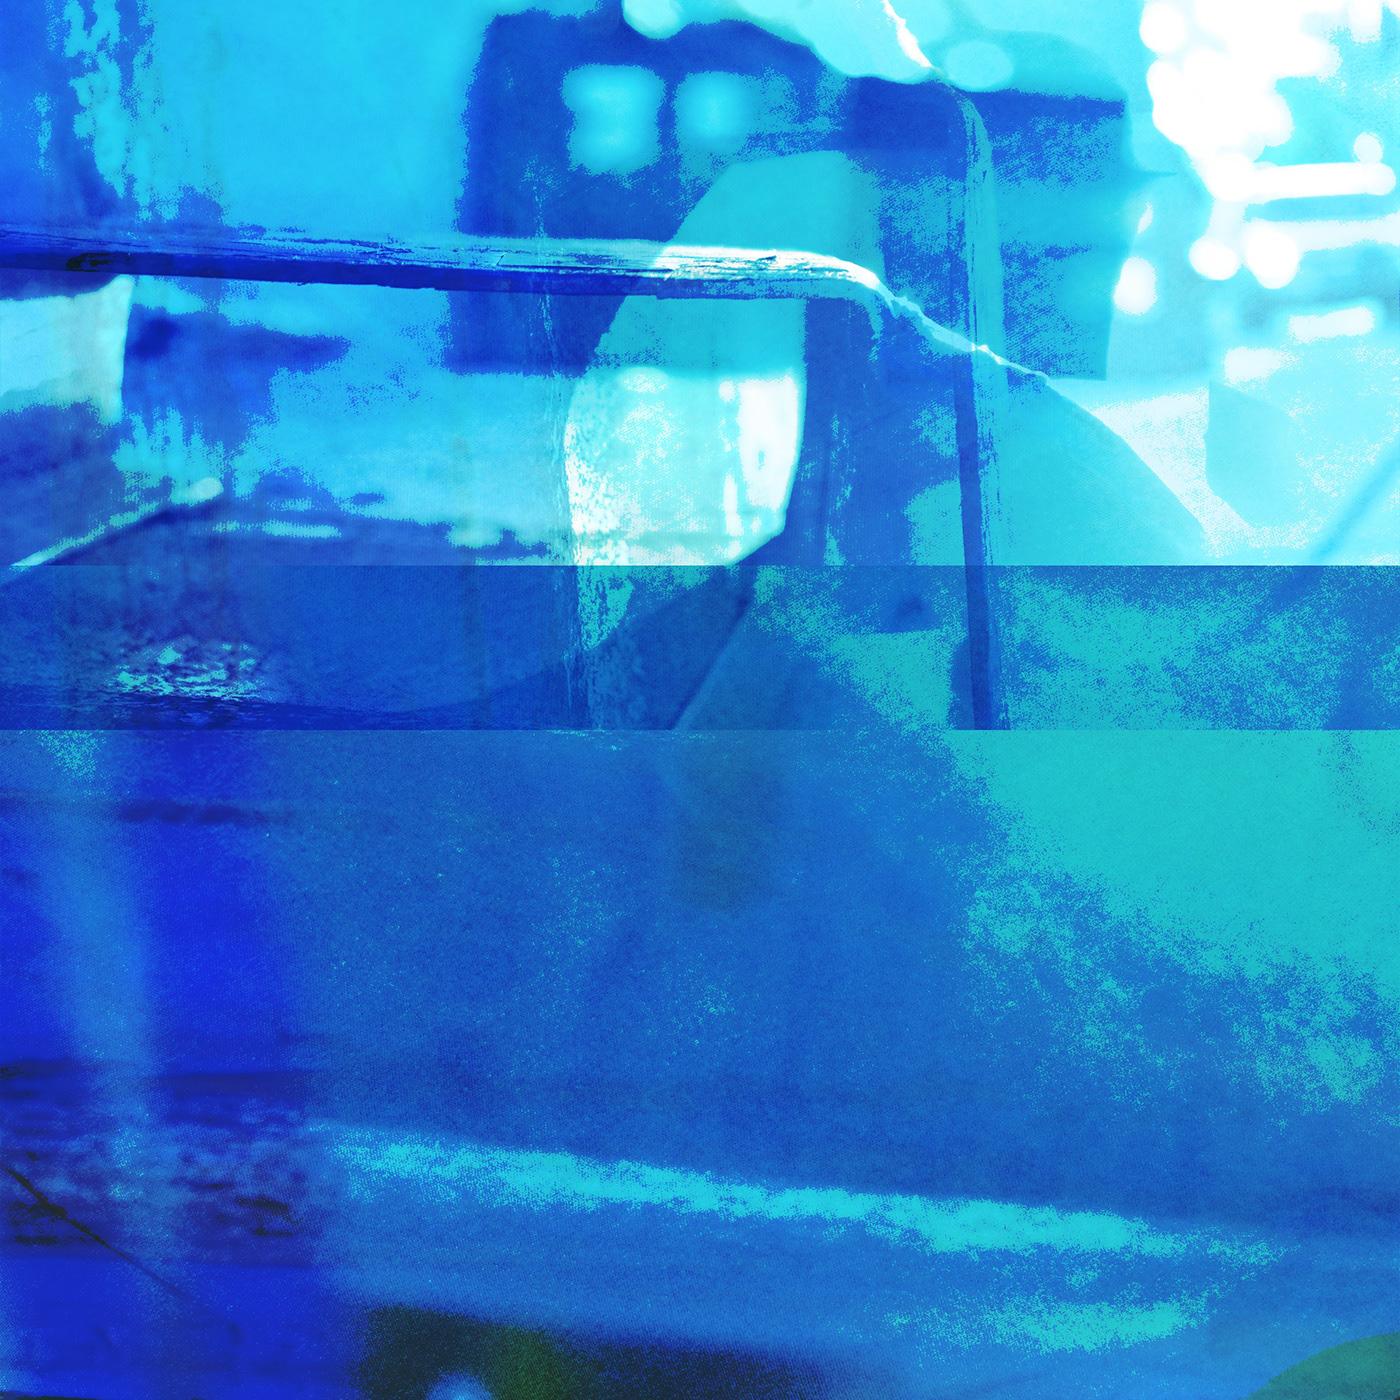 Image may contain: aquarium